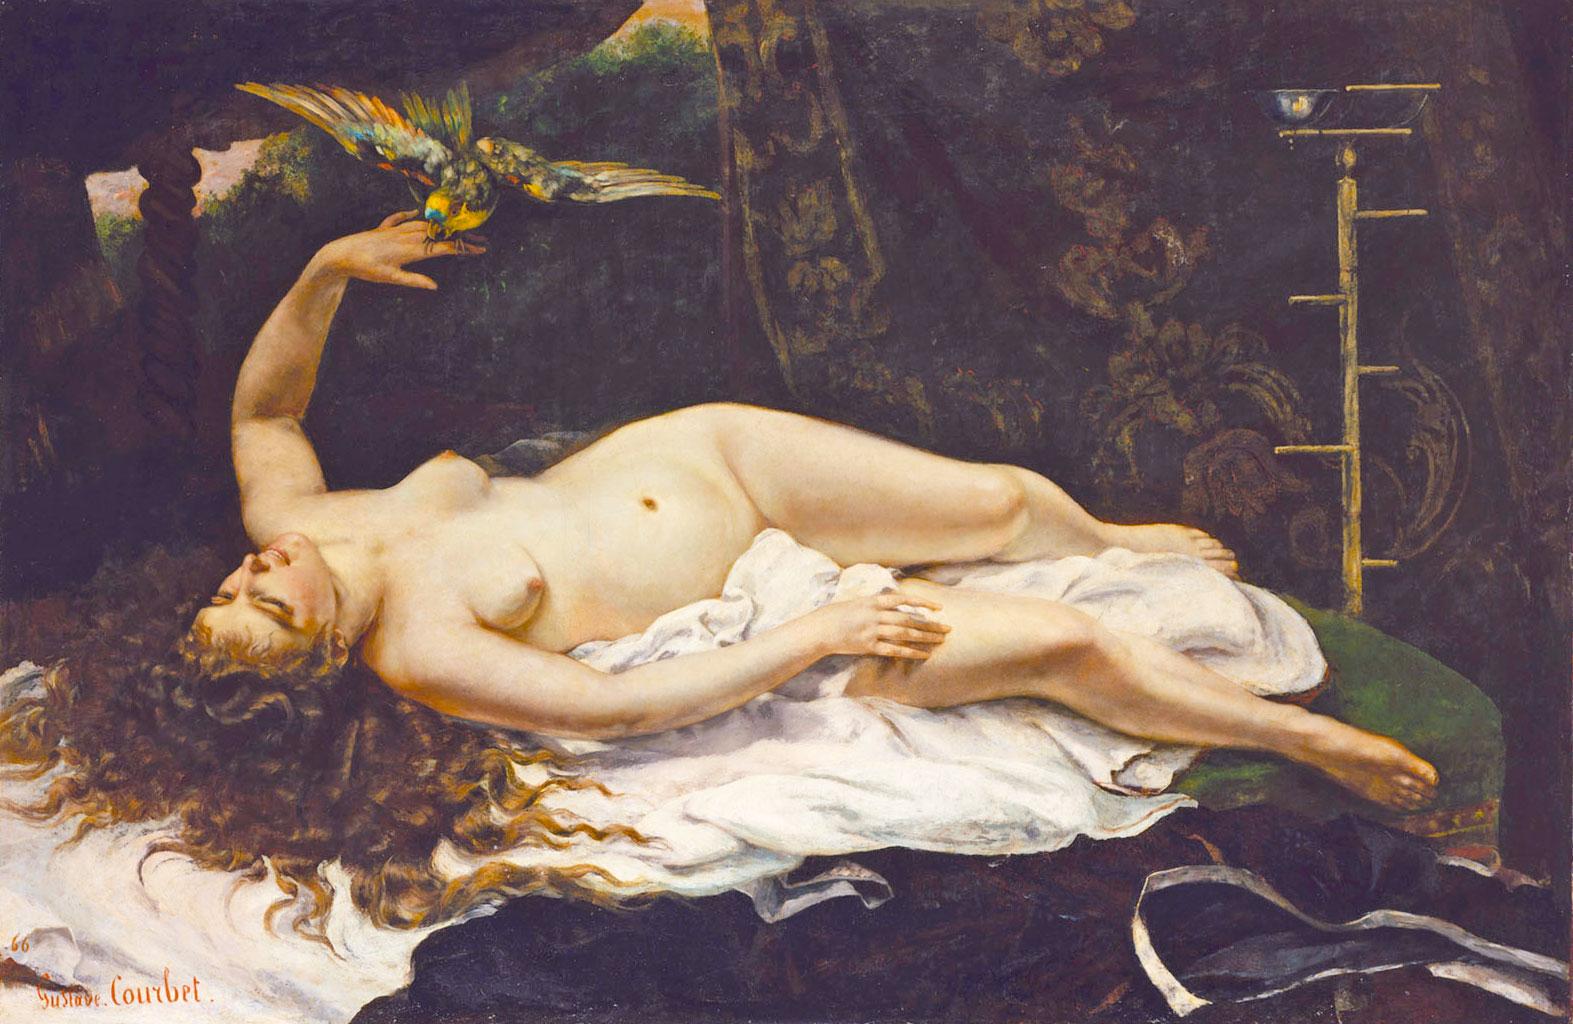 Muzeul Metropolitan de Artă permite fotografierea și utilizarea picturilor